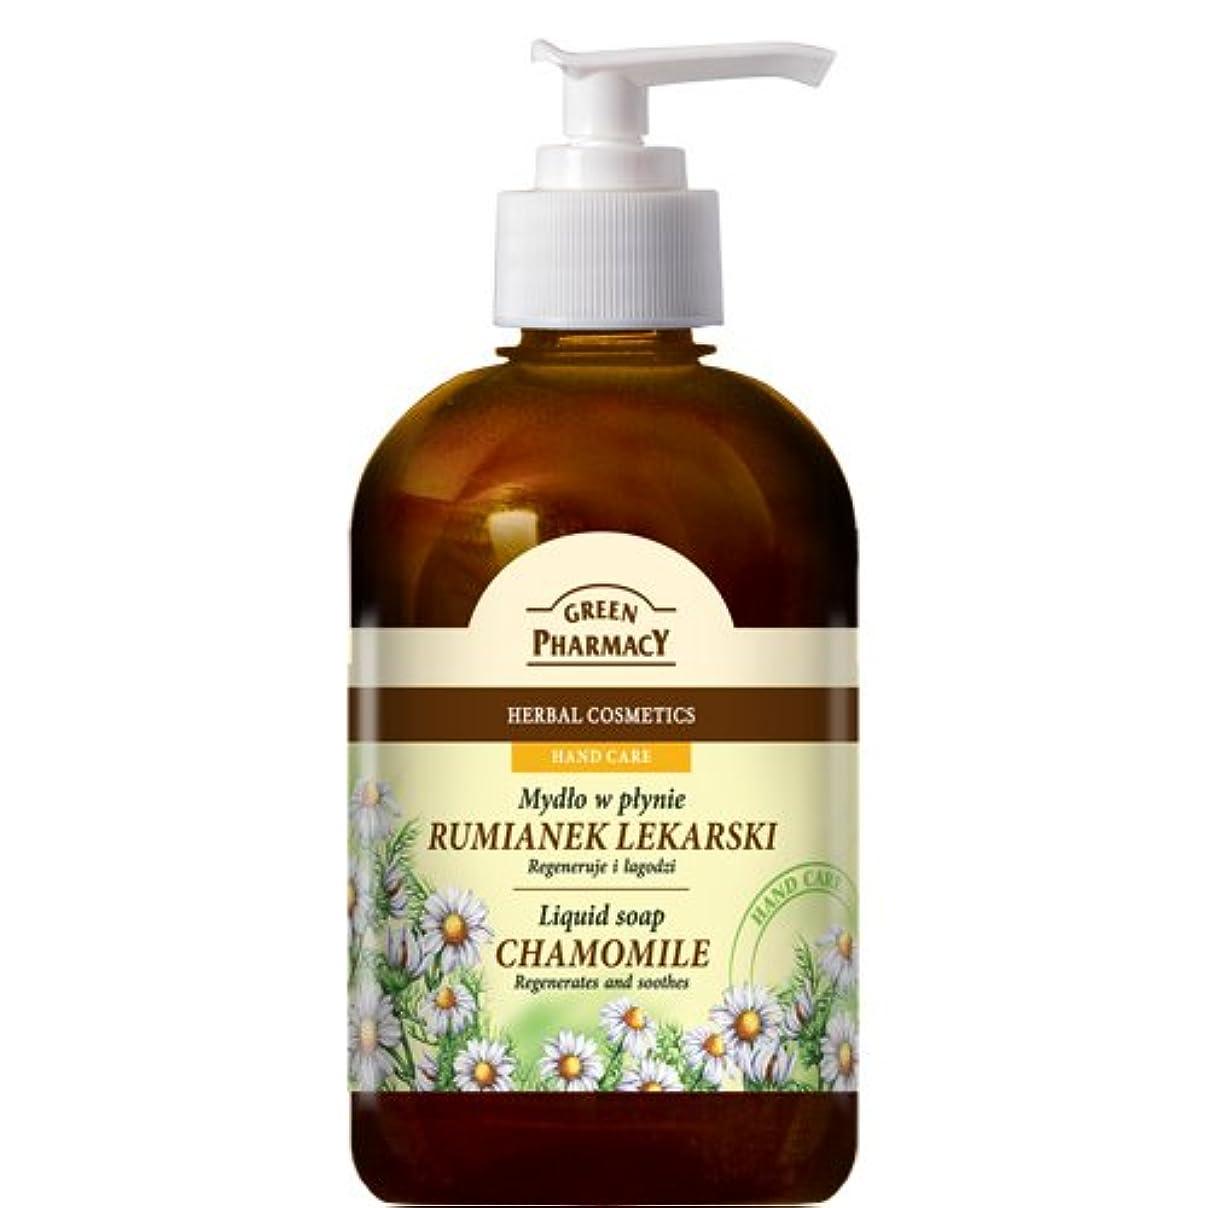 レギュラー仕様申し込むElfa Pharm Green Pharmacy グリーンファーマシー Liquid Soap リキッドソープ Chamomile カモマイル